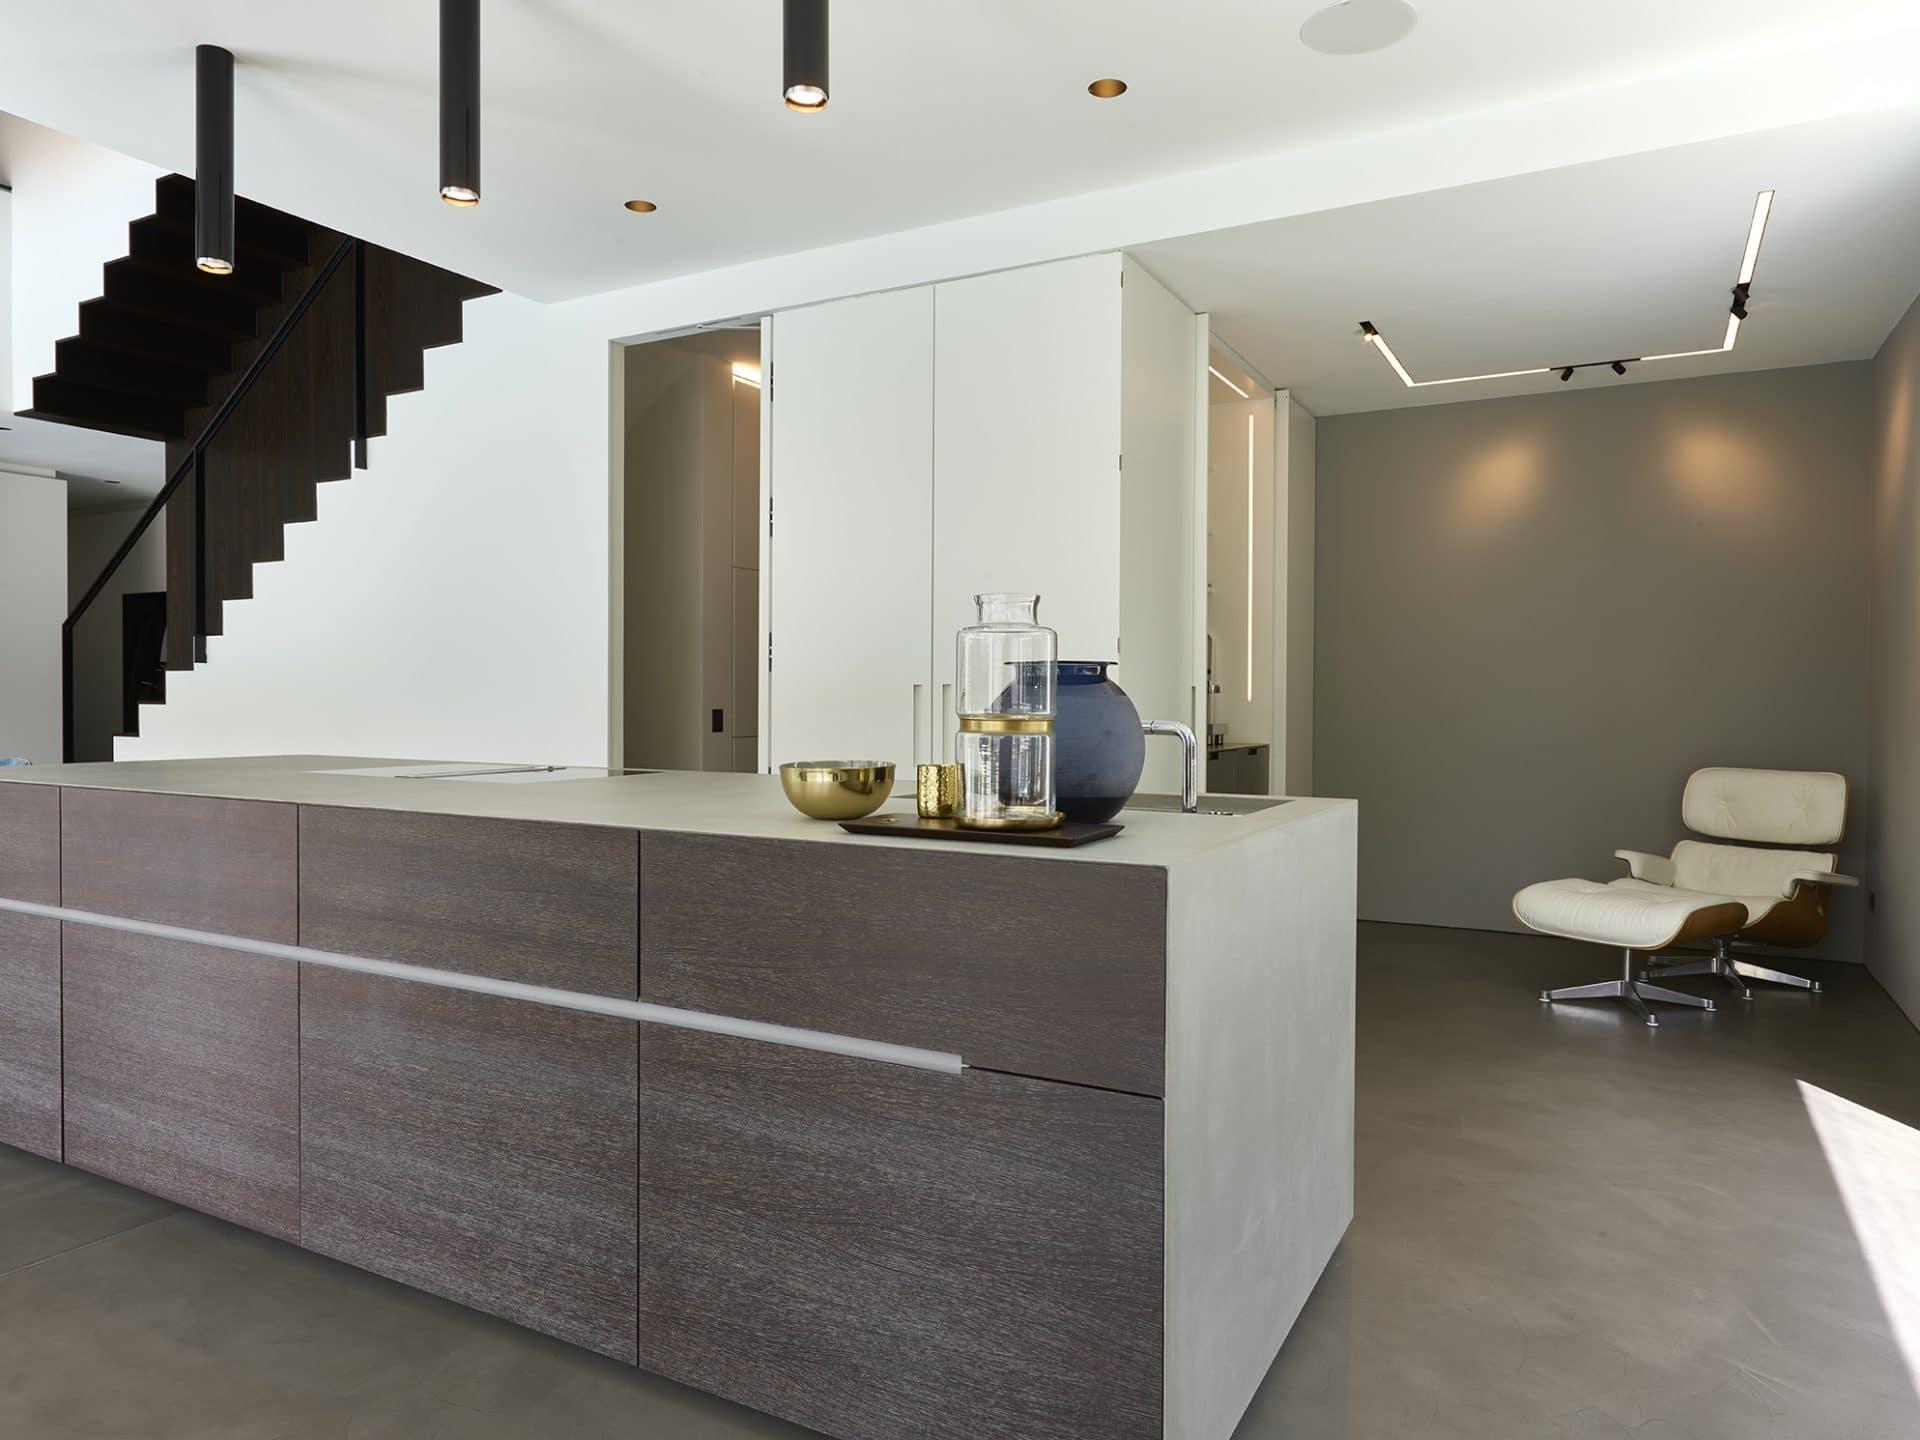 Küchendesign von VOIT aus geräucherter Eiche, Beton und Edelstahl - Versteckte Küchenzeile in Mattlack weiß, im Hintergrund ein Designerstuhl